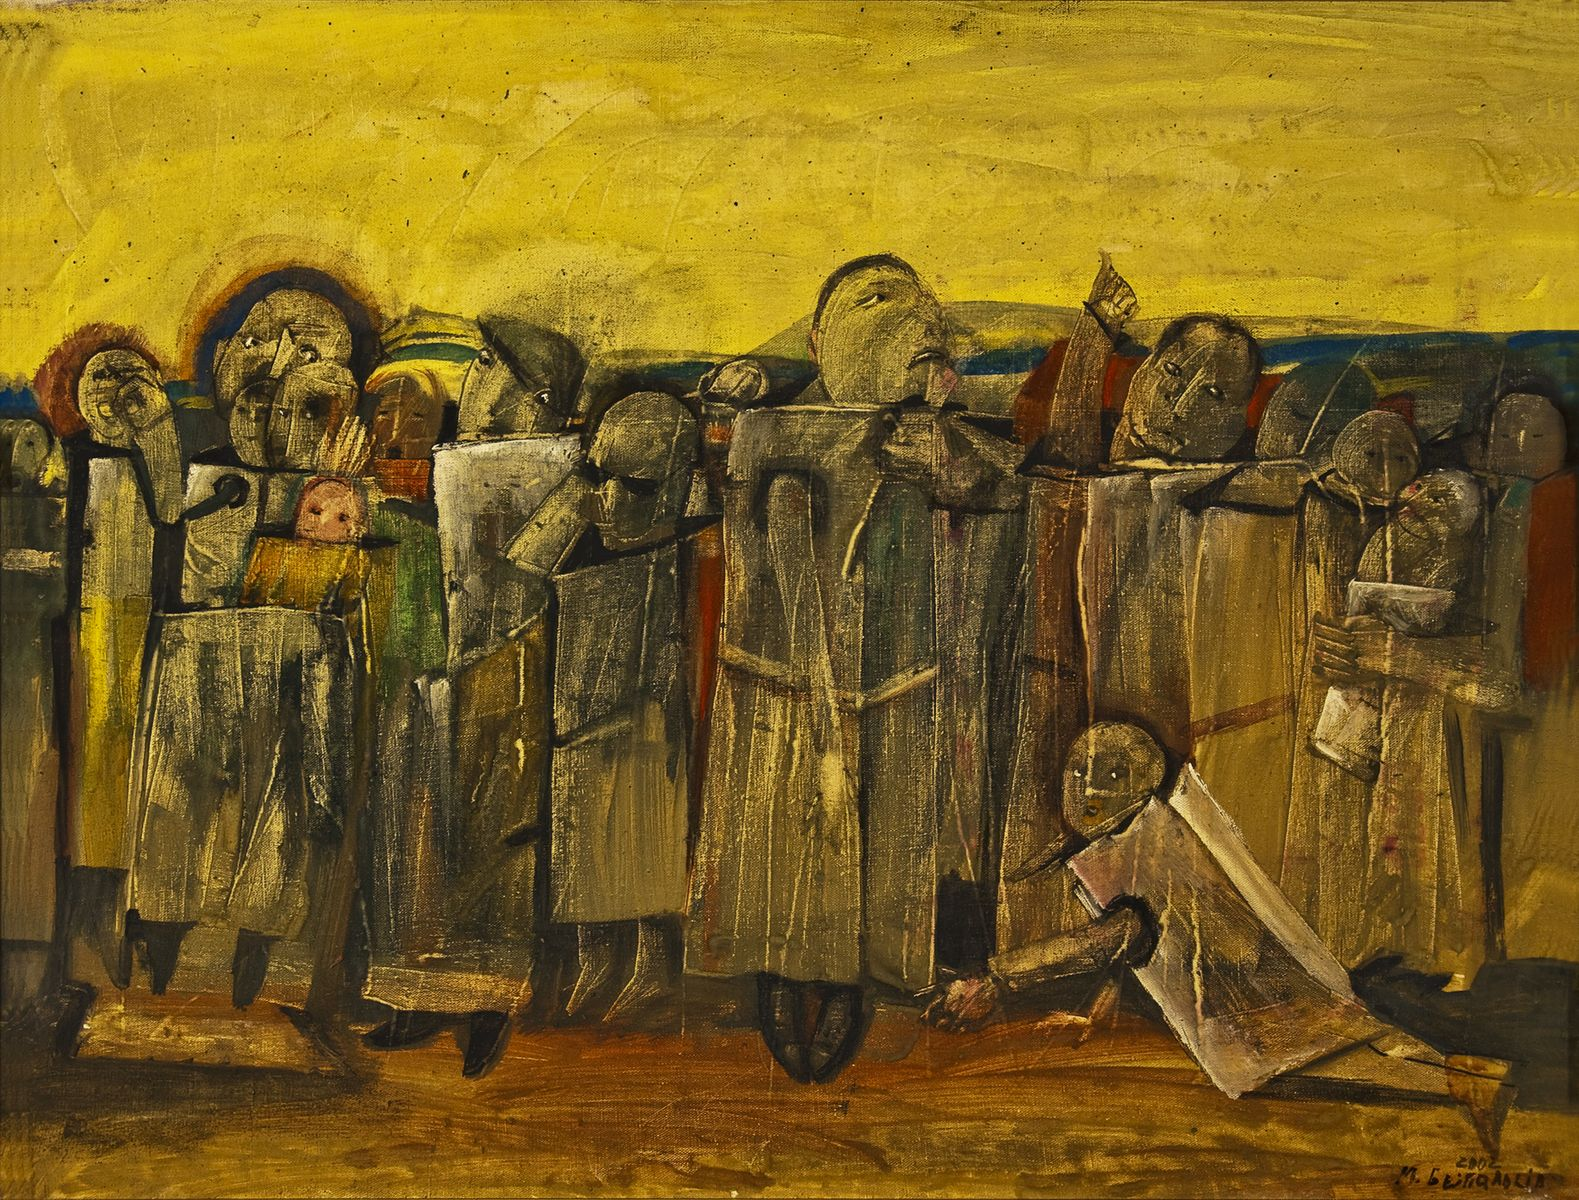 Михайло Безпальків. Люди в коробках, 2002. Туш, папір; 60х80